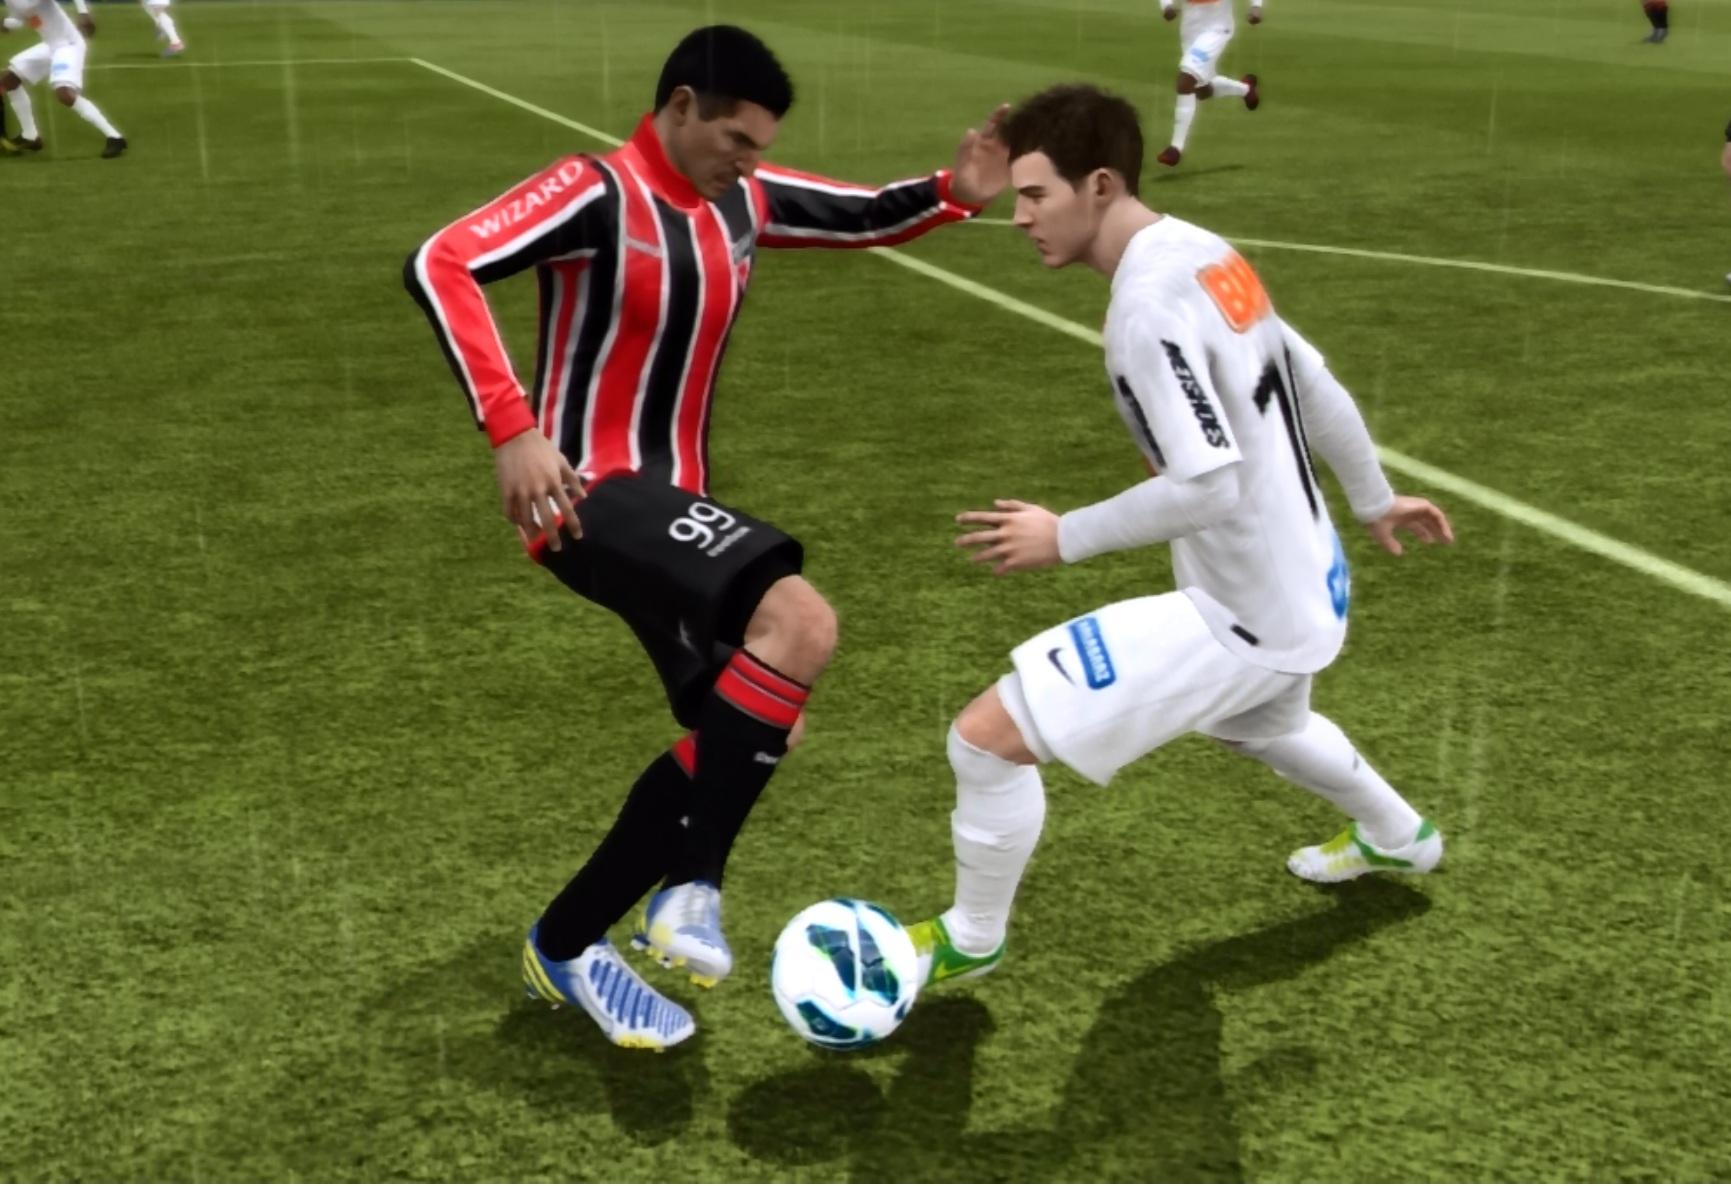 Lucio e Montillo travam duelo em Fifa 13 (Foto: Reprodução TechTudo)